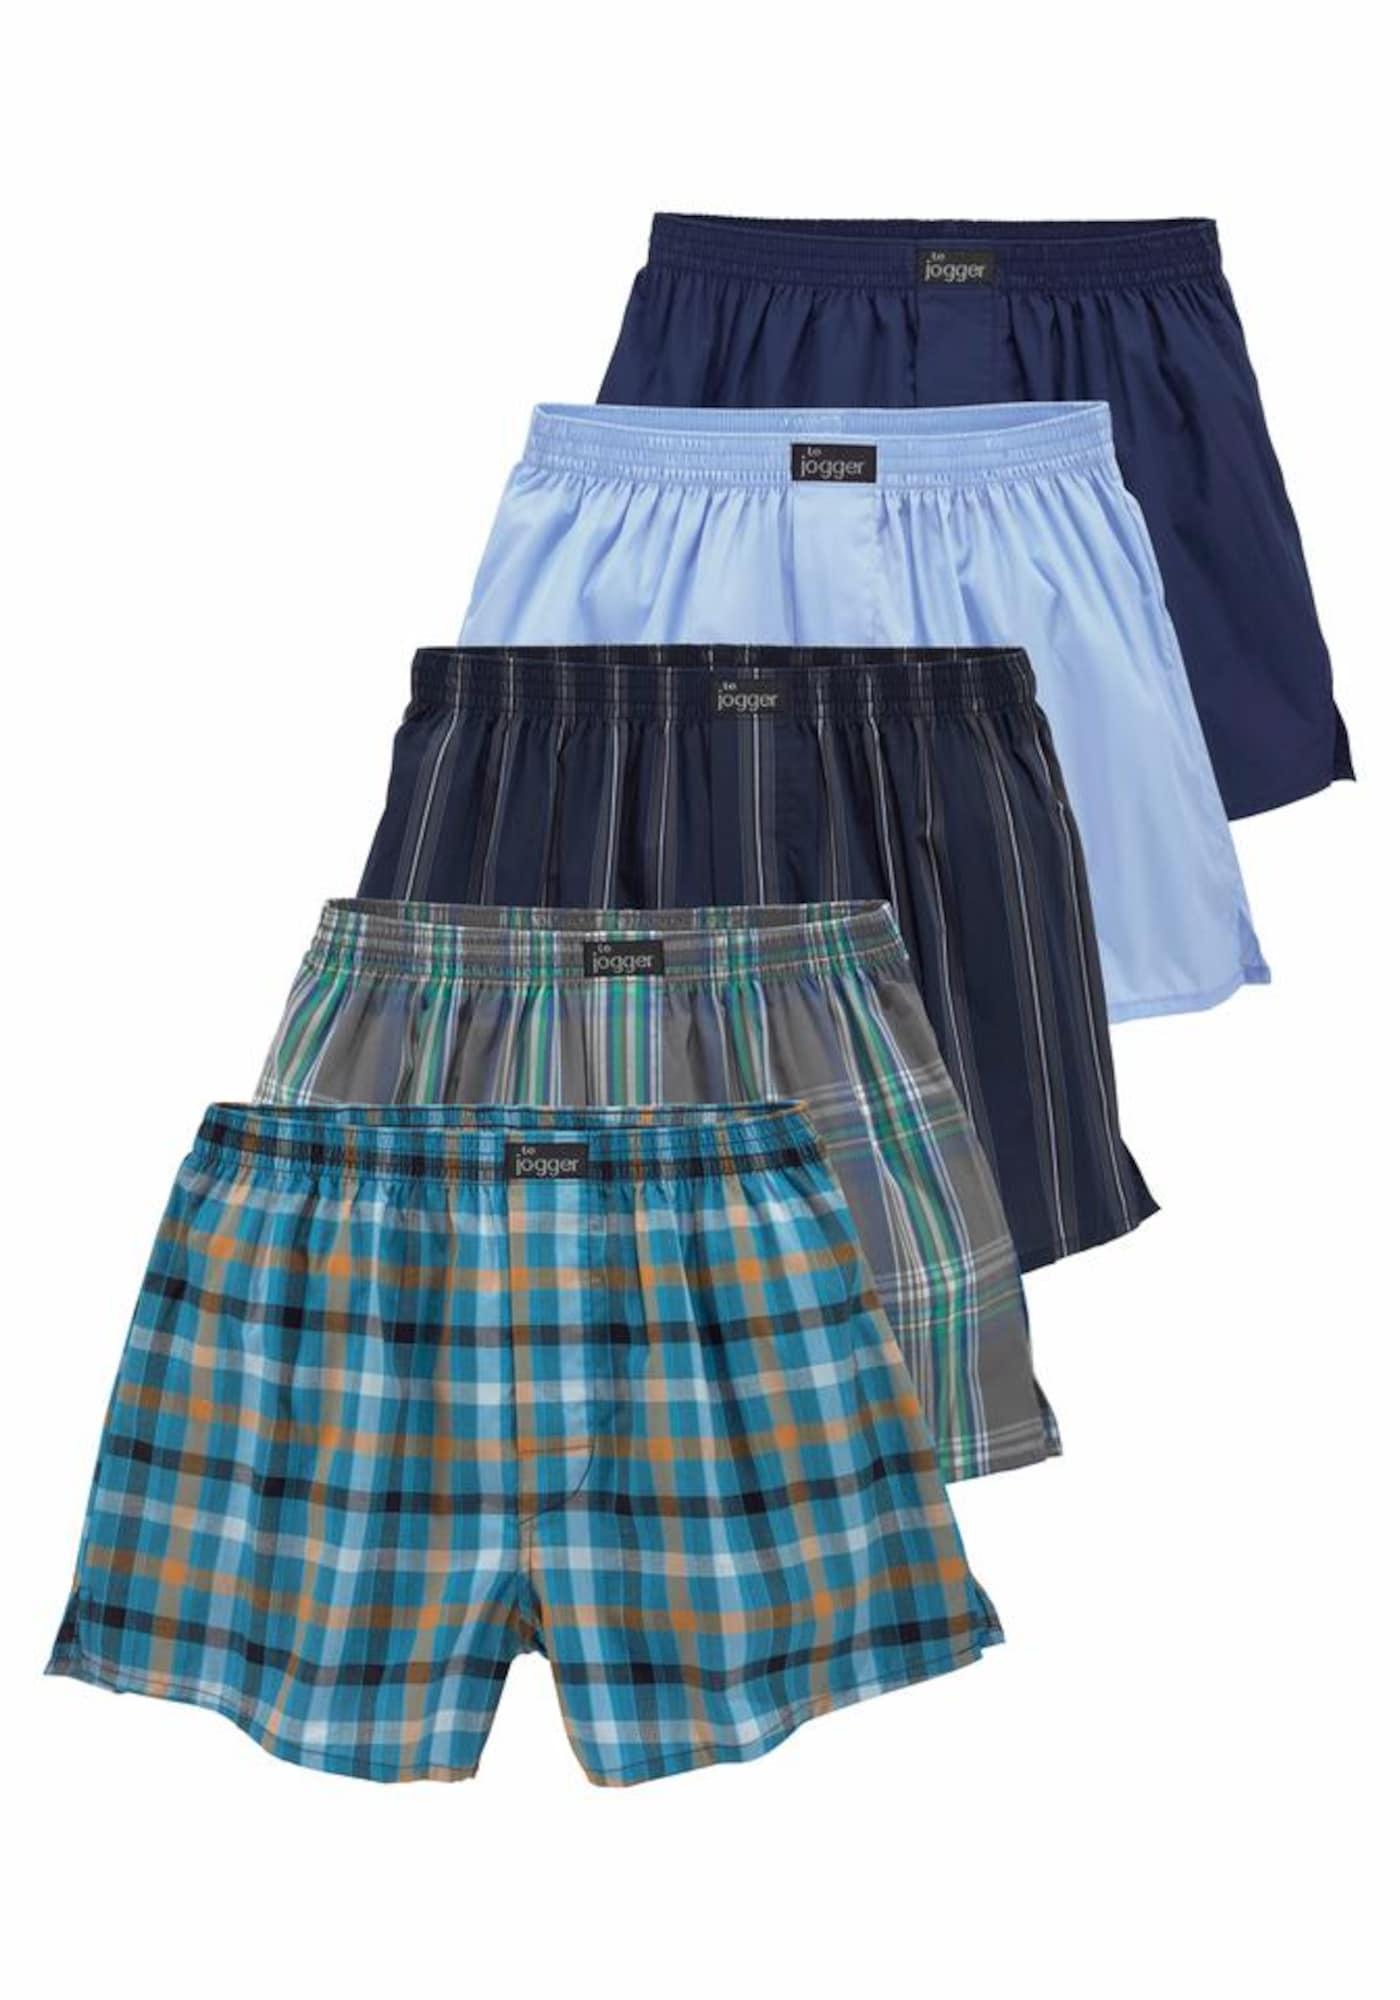 LE JOGGER Boxer trumpikės mėlyna / pilka / nefrito spalva / oranžinė / juoda